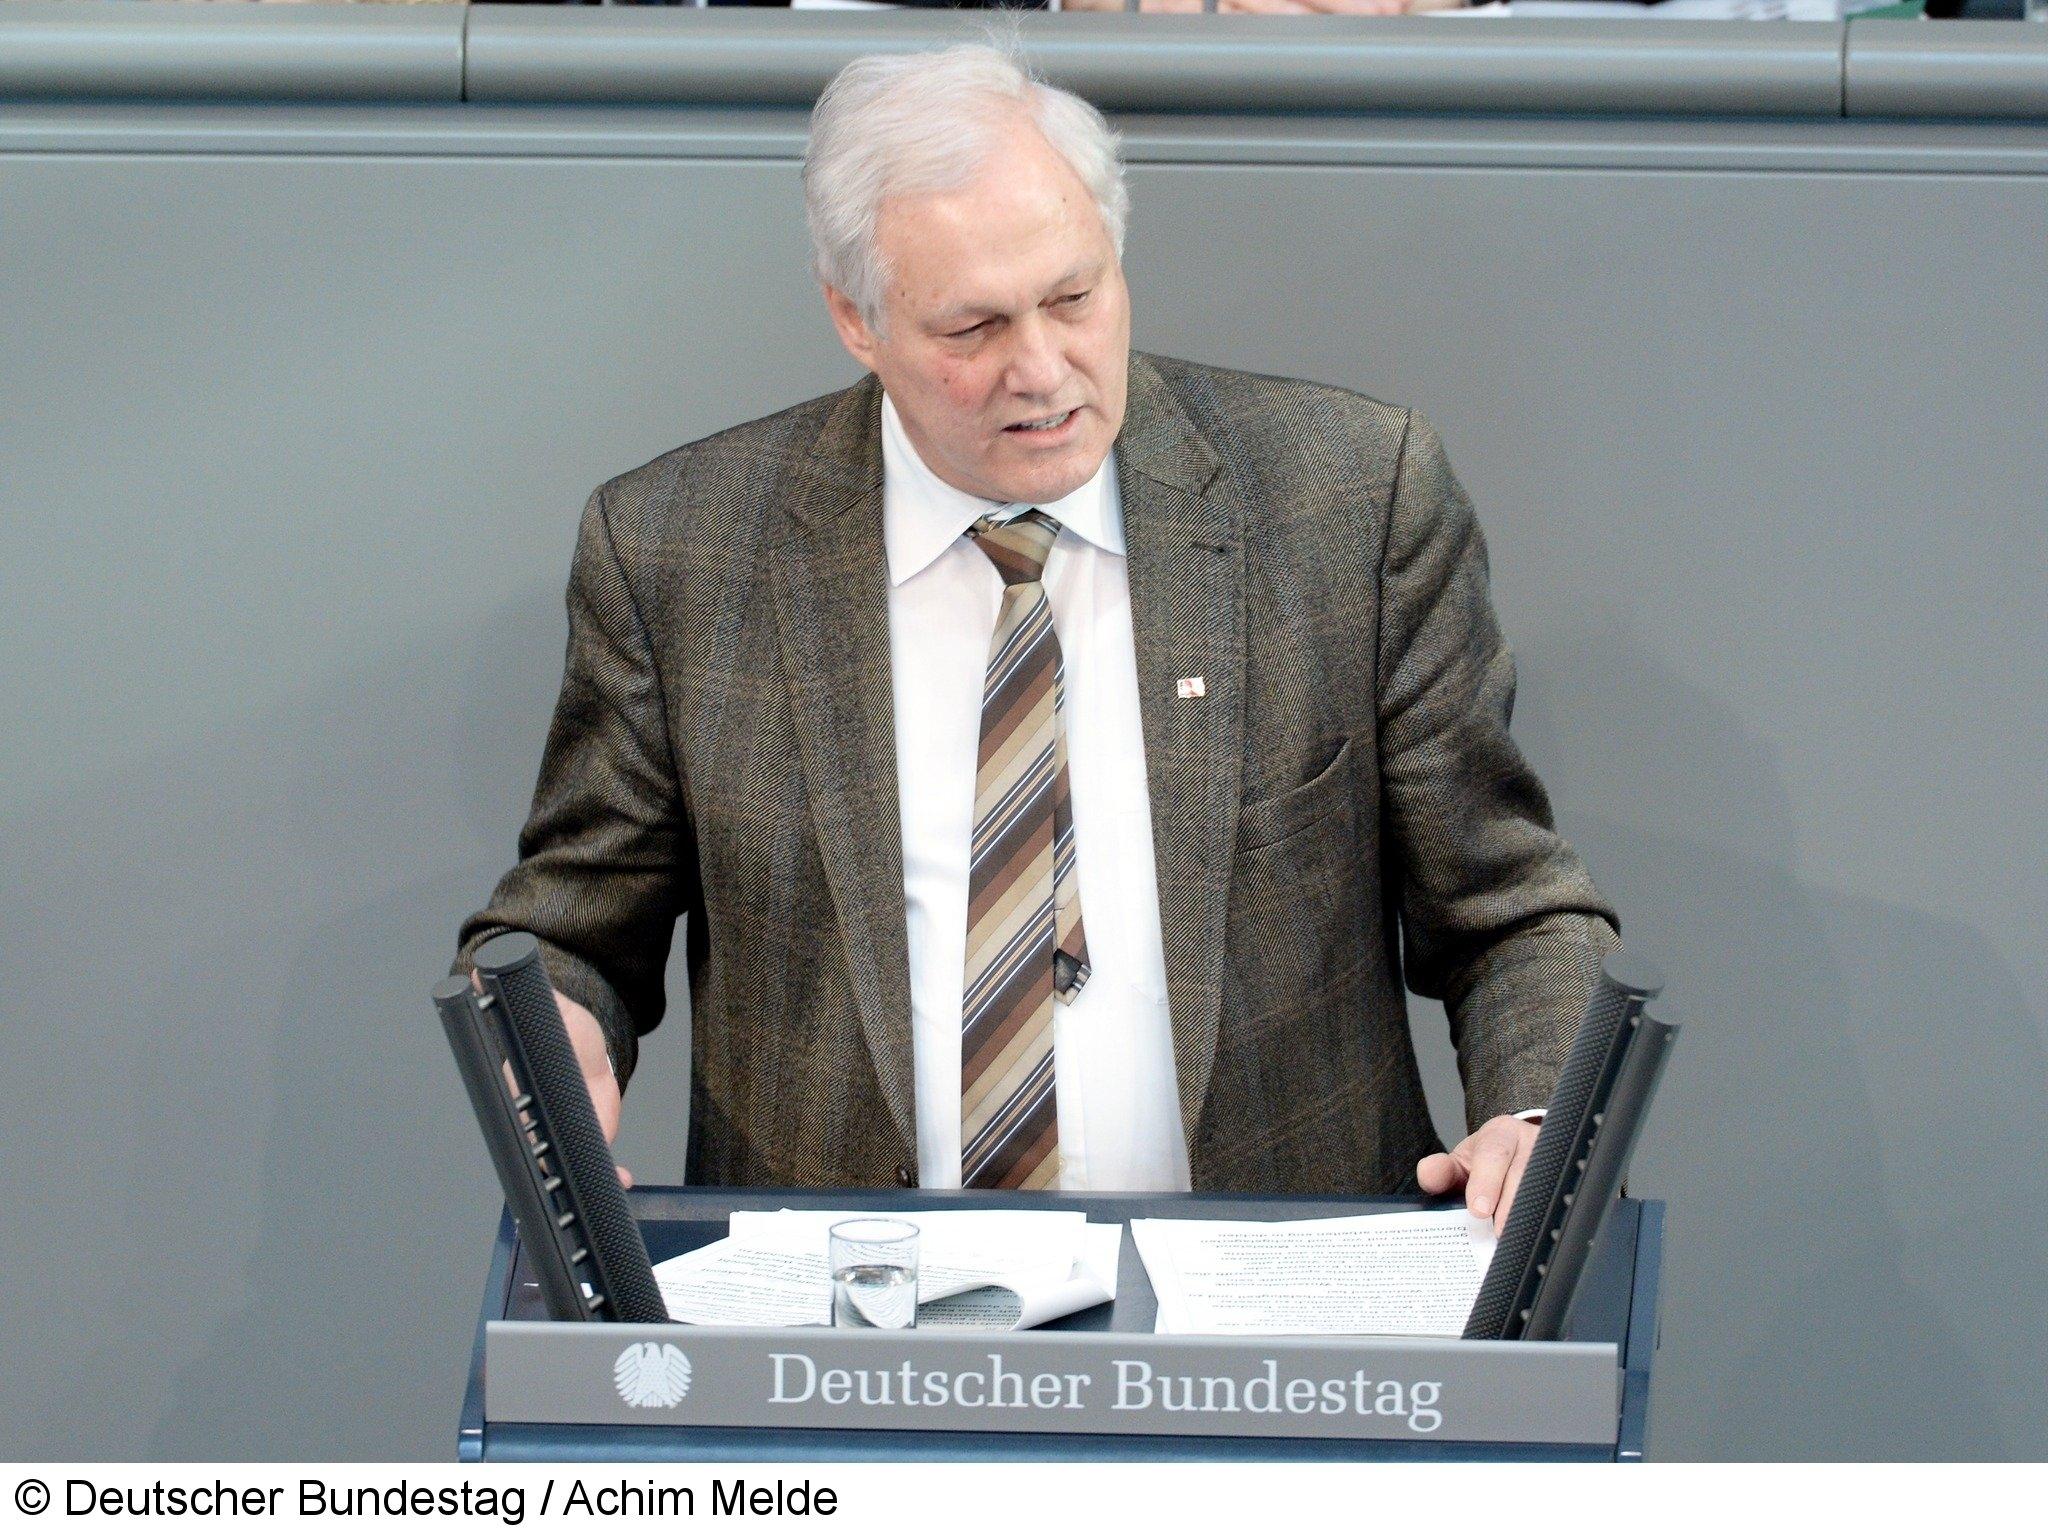 (c) Deutscher Bundestag/Achim Melde